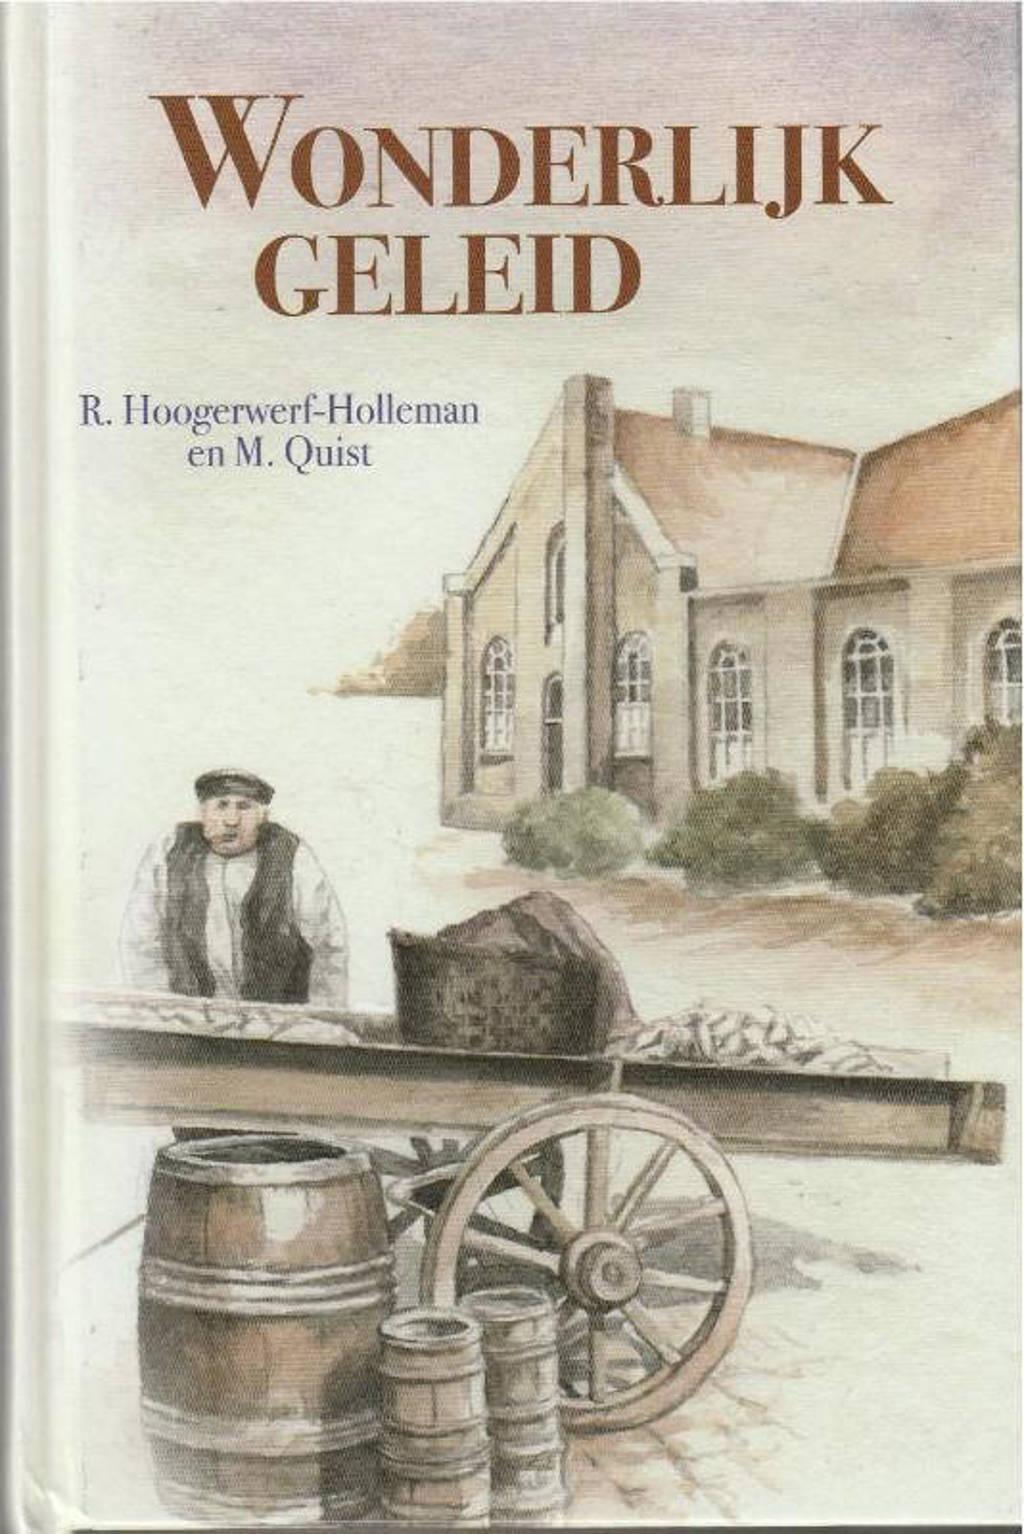 Wonderlijk geleid - R. Hoogerwerf-Holleman en M. Quist